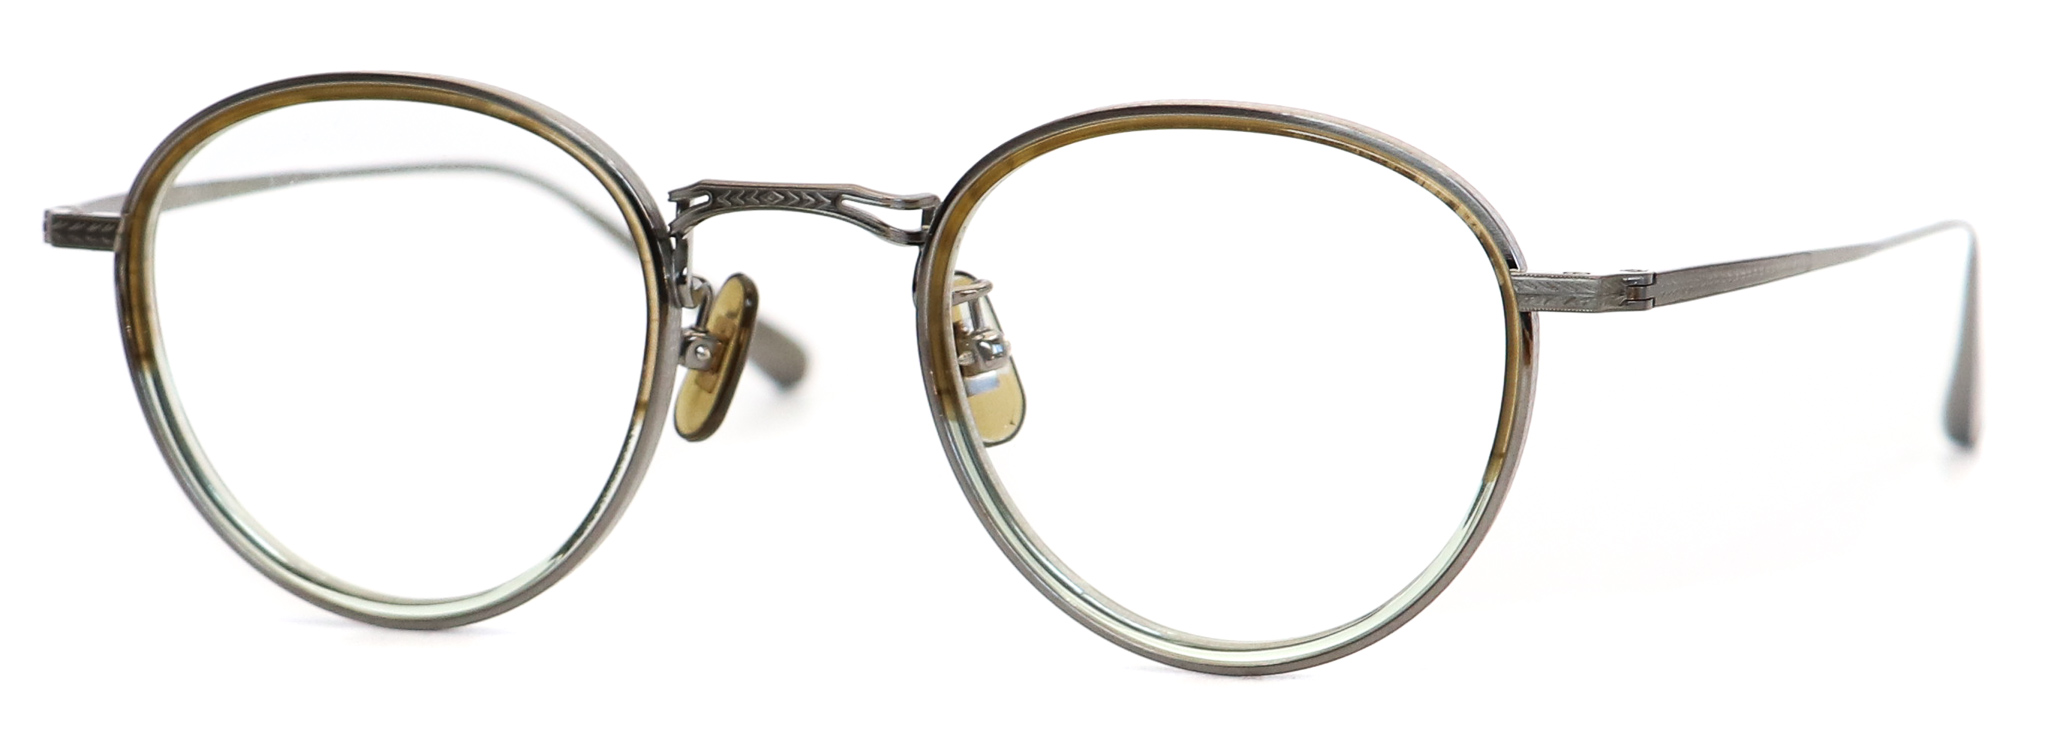 眼鏡のカラータイプC-4 Green-Half/Gray